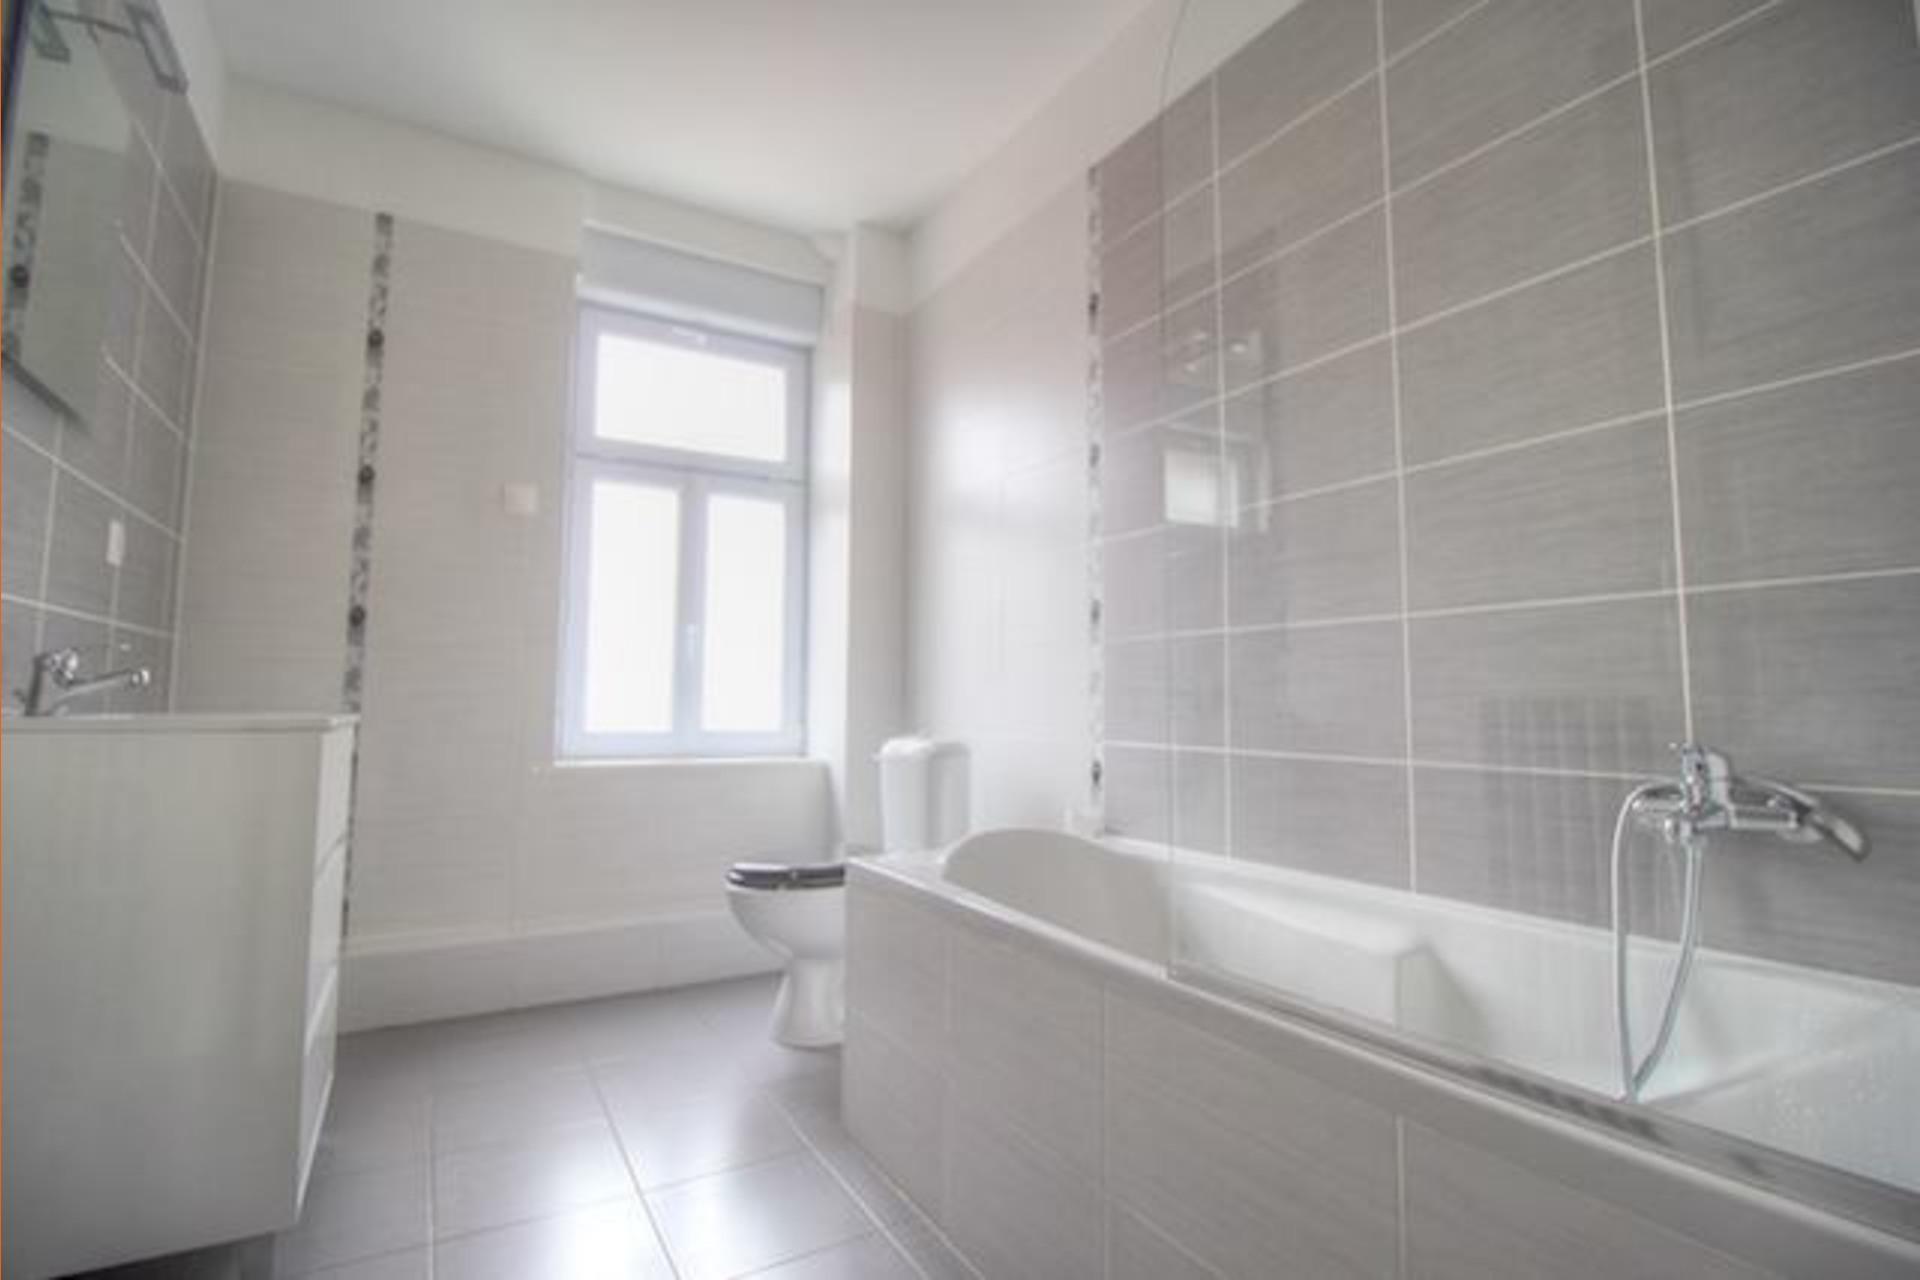 image 2 - Appartement À louer Metz